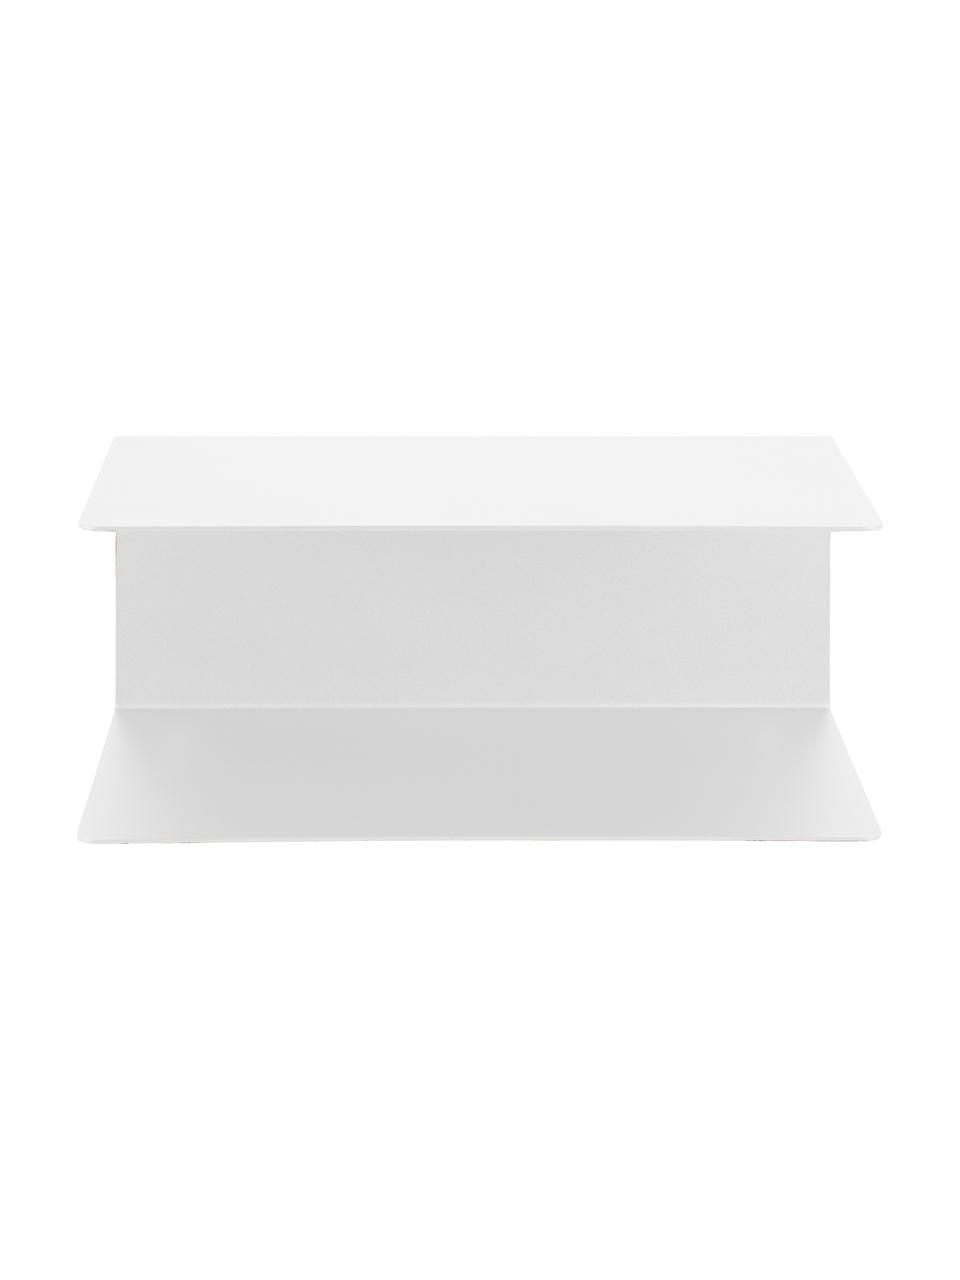 Comodino da parete in metallo bianco Neptun 2 pz, Metallo verniciato a polvere, Bianco, Larg. 35 x Alt. 14 cm